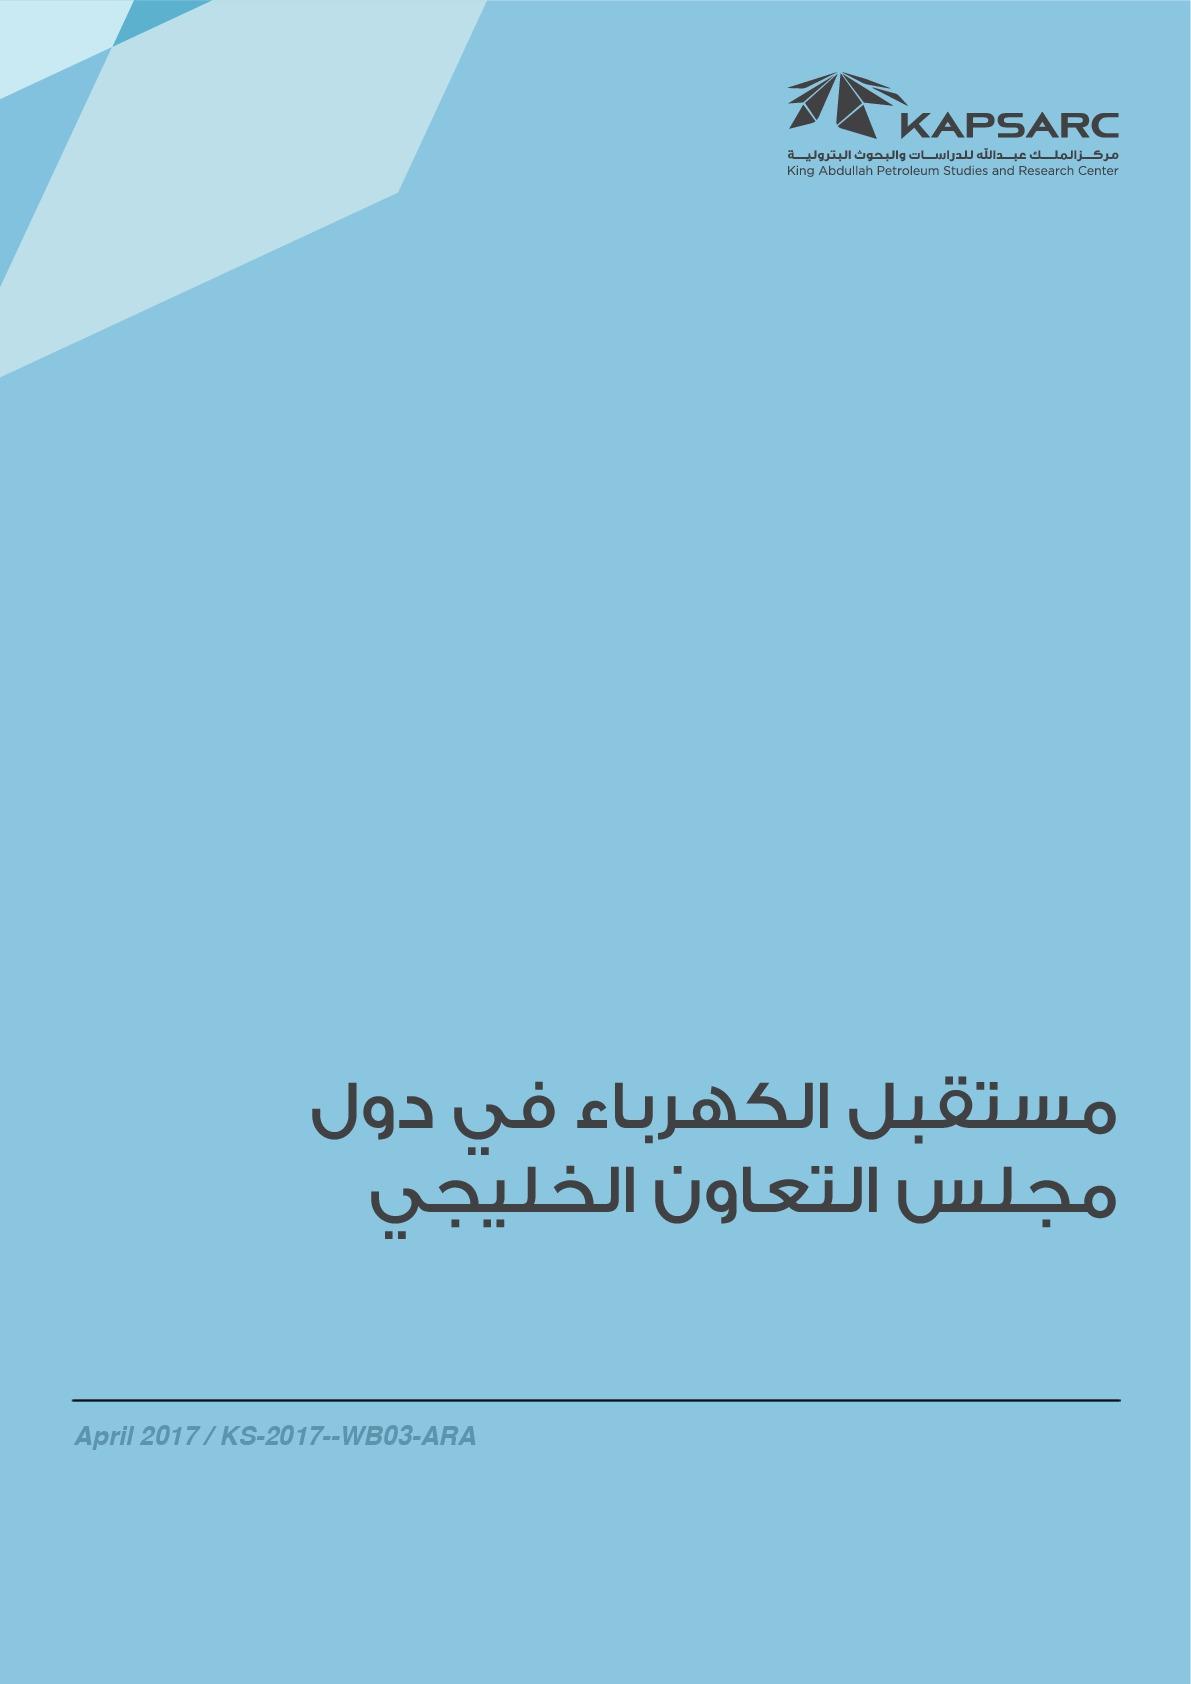 مستقبل الكهرباء في دول مجلس التعاون الخليجي